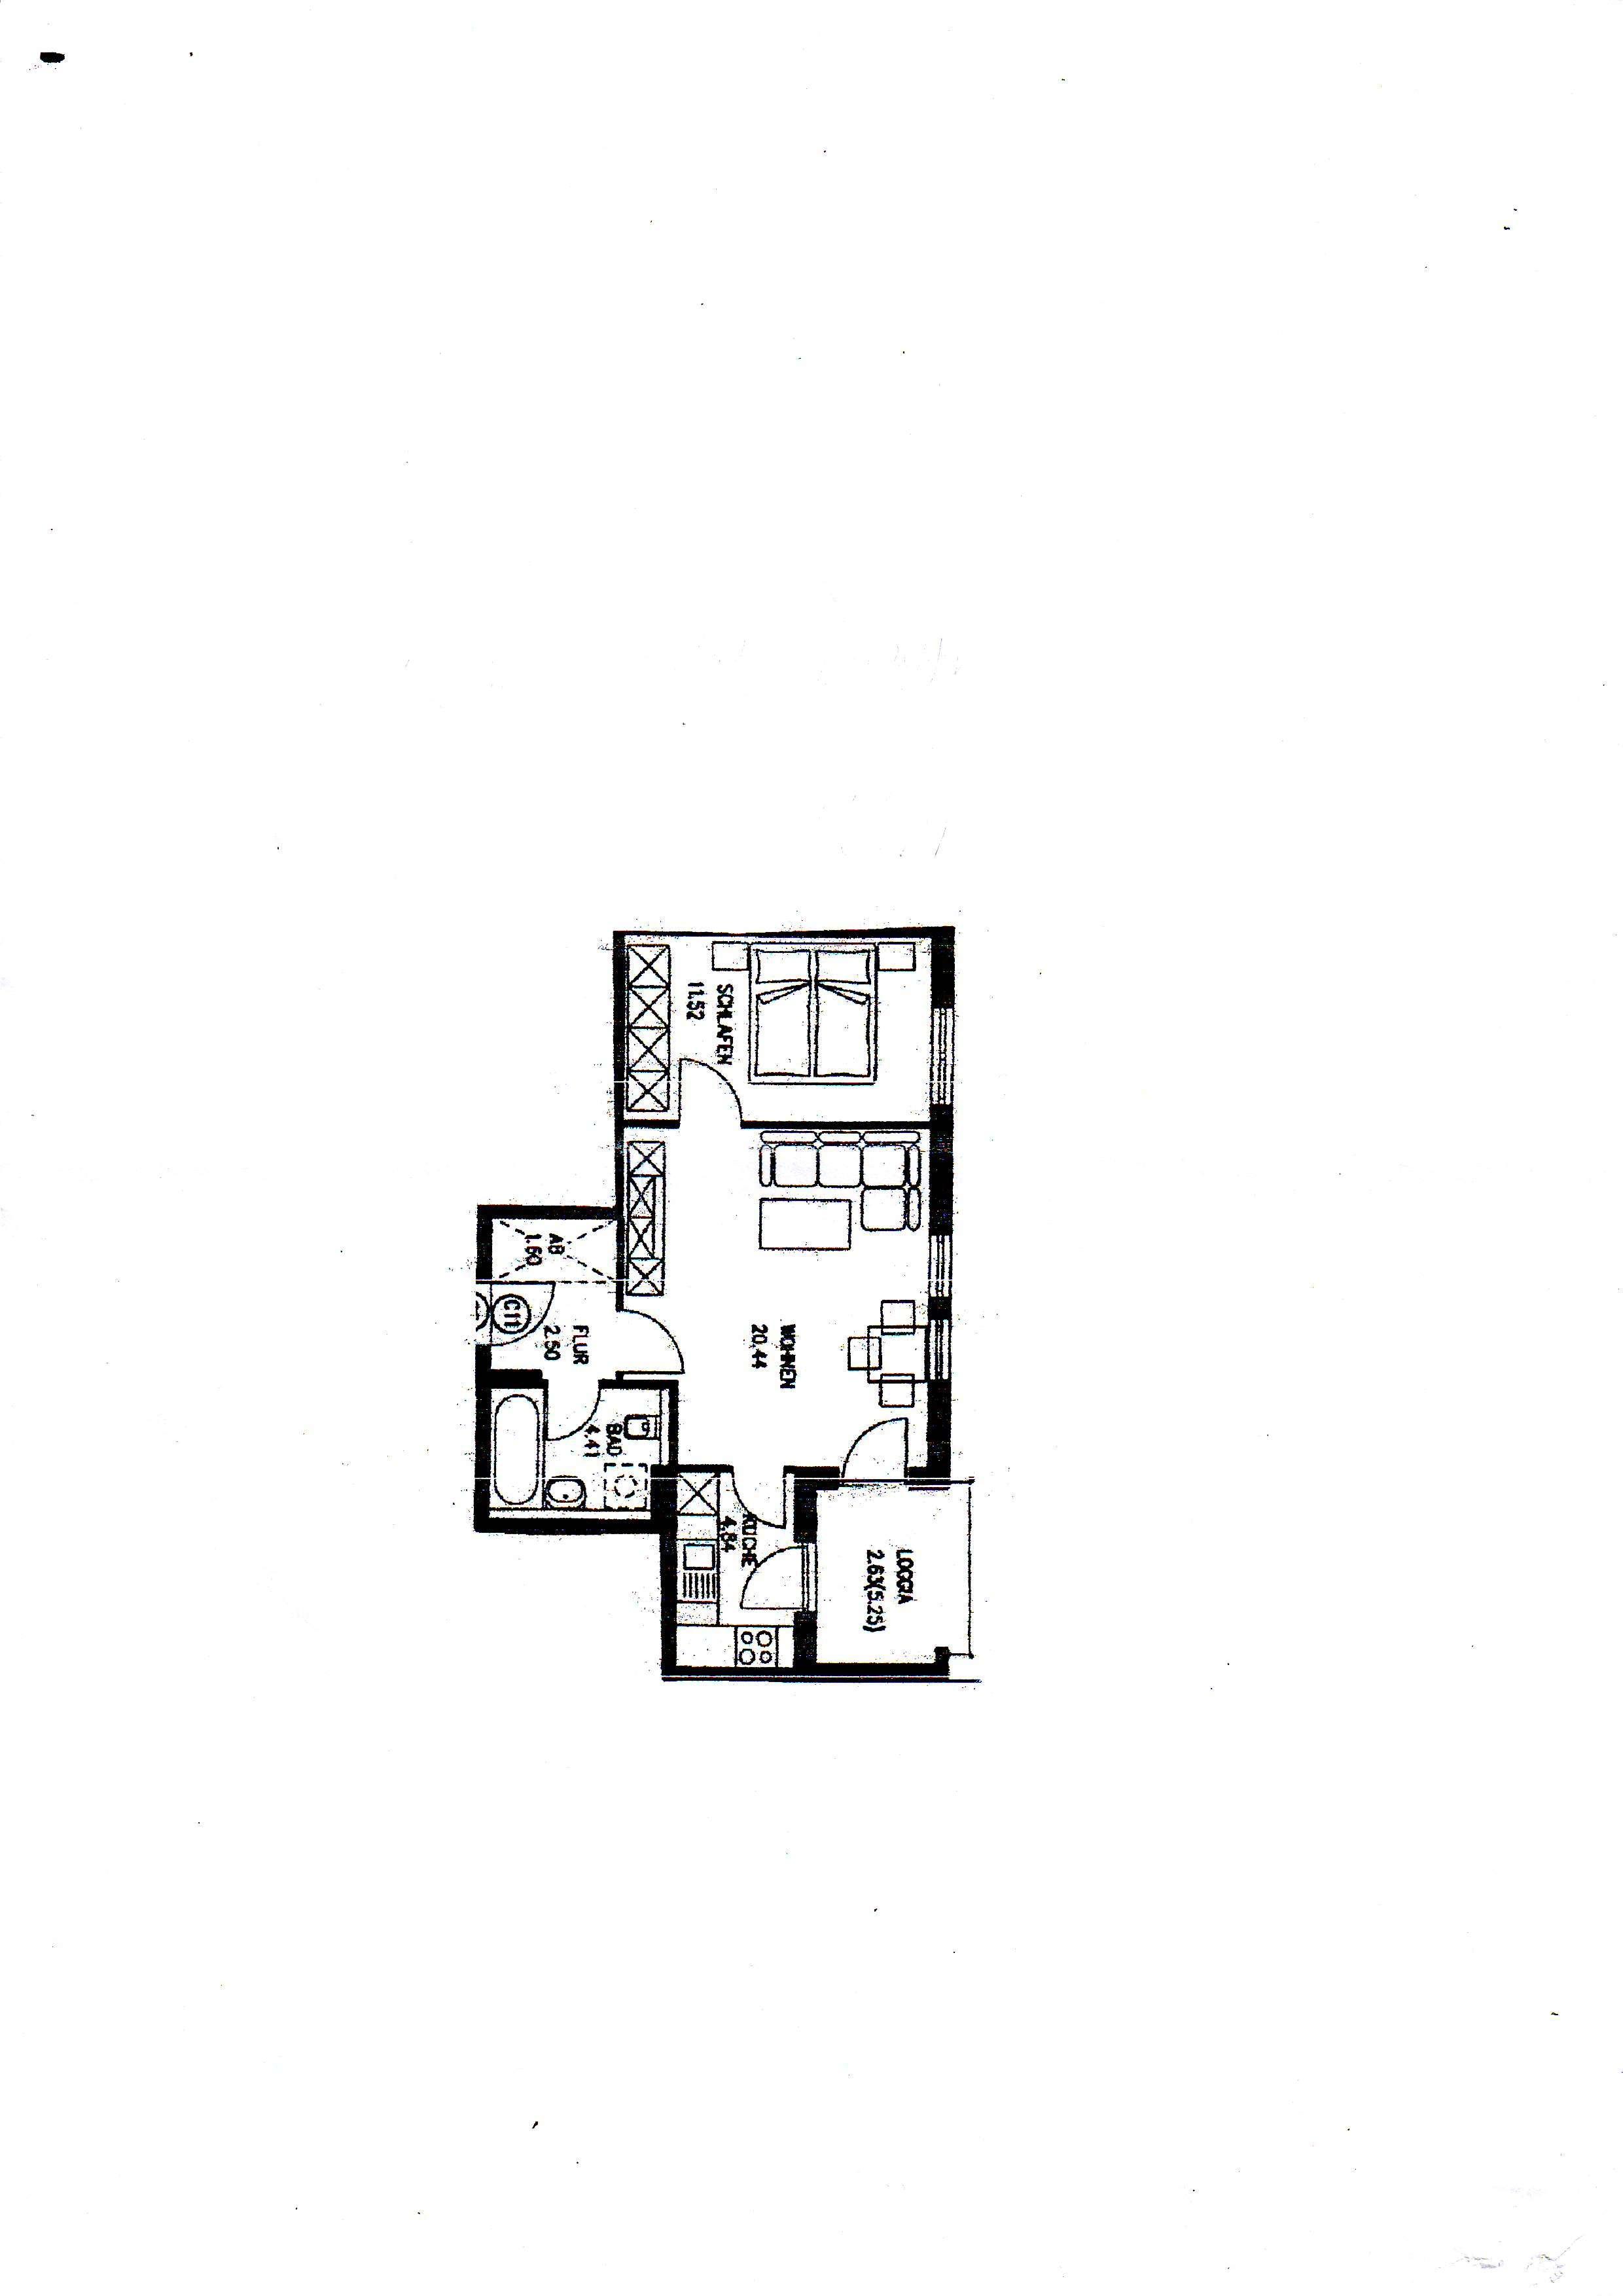 Gepflegte 2-Zimmer-Wohnung mit Balkon und Einbauküche in Gersthofen in Gersthofen